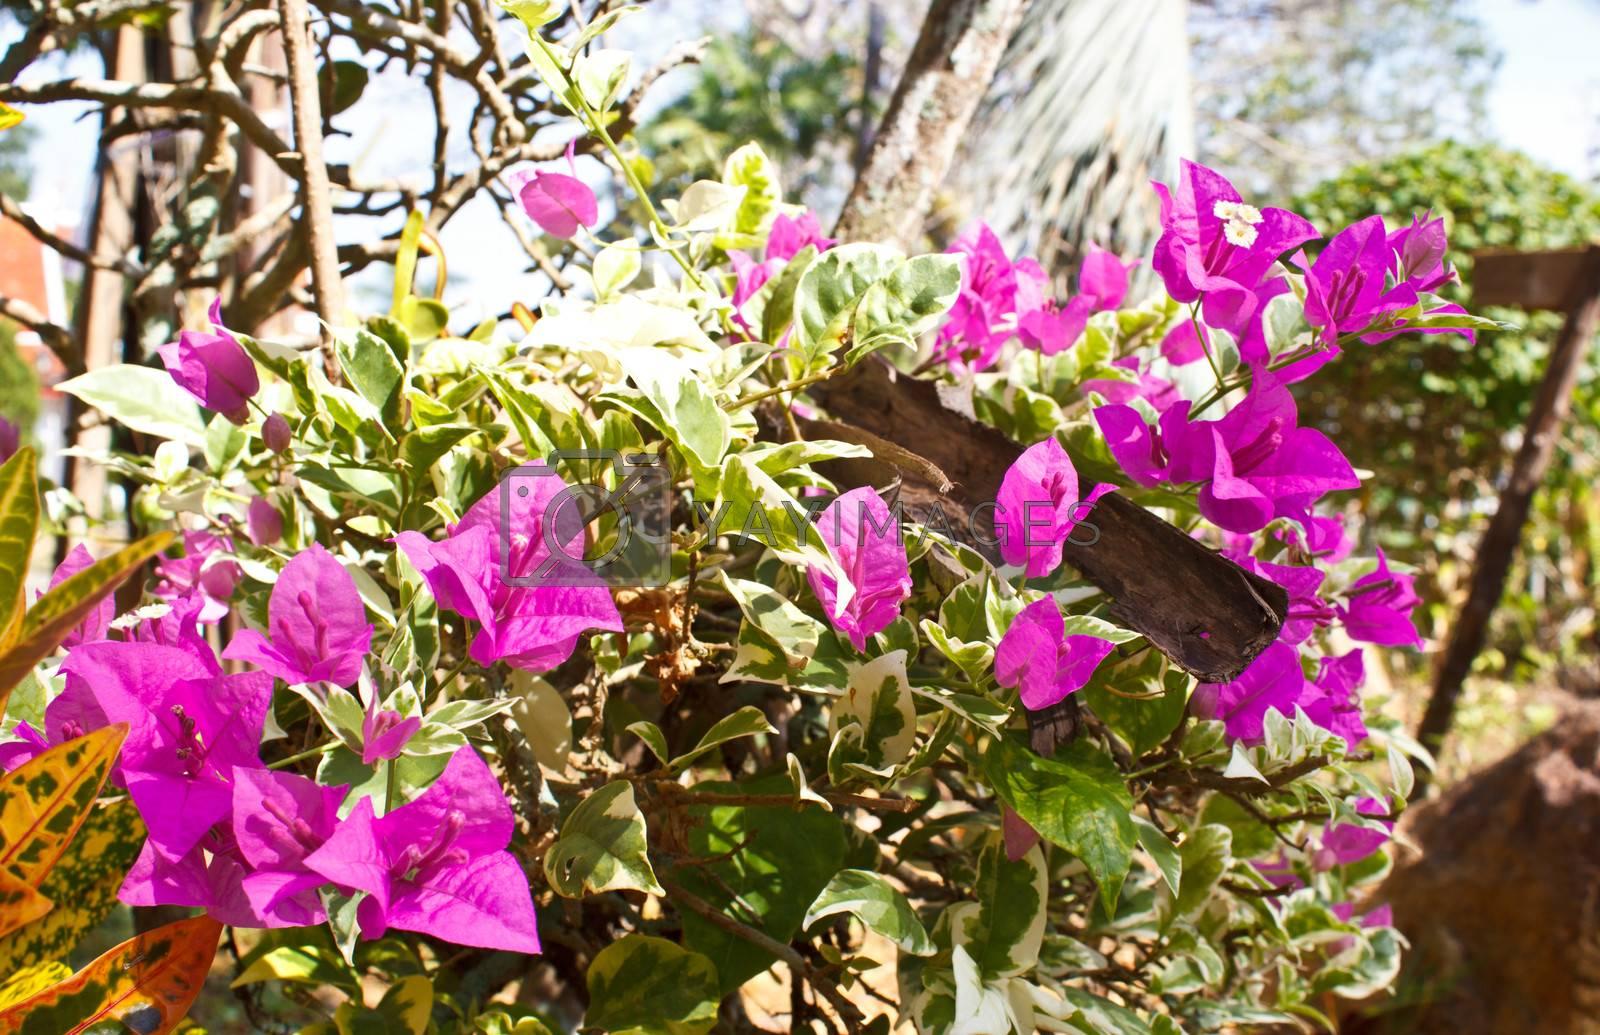 purple Bougainvillea very beautiful flower in Thailand